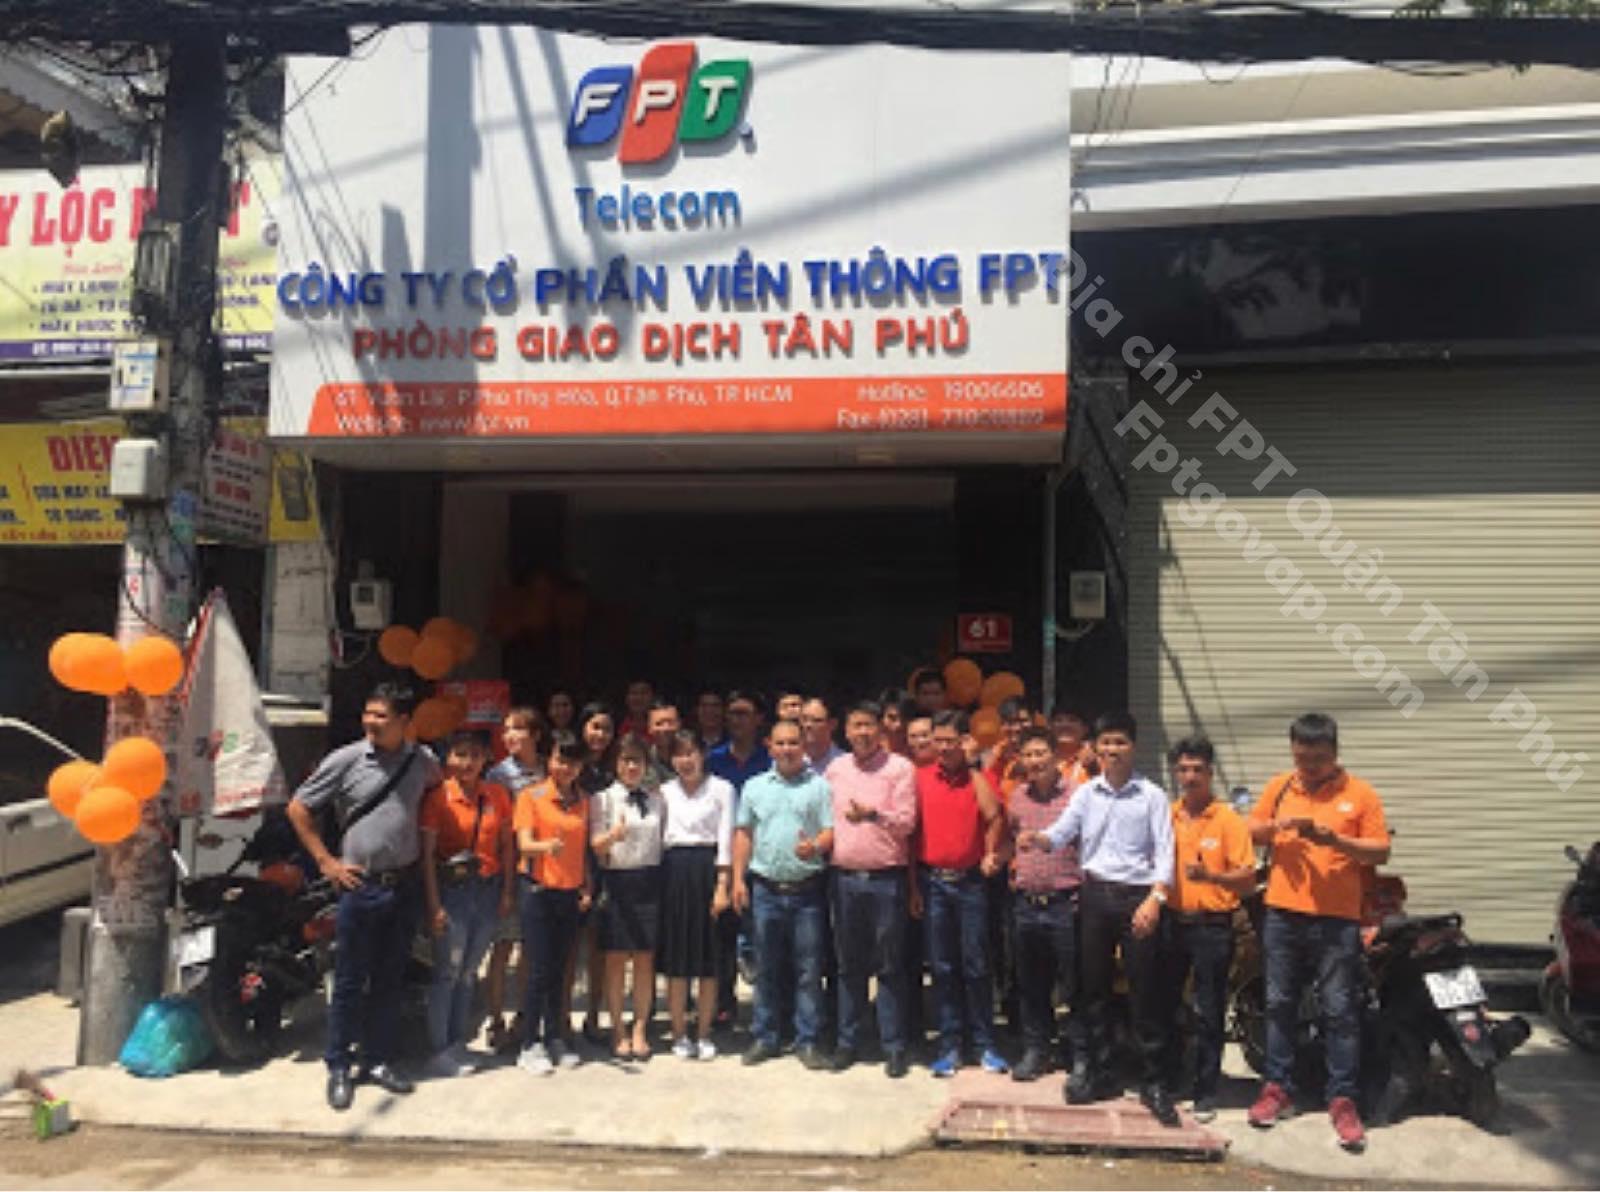 Chi nhánh FPT Telecom Quận Tân Phú.